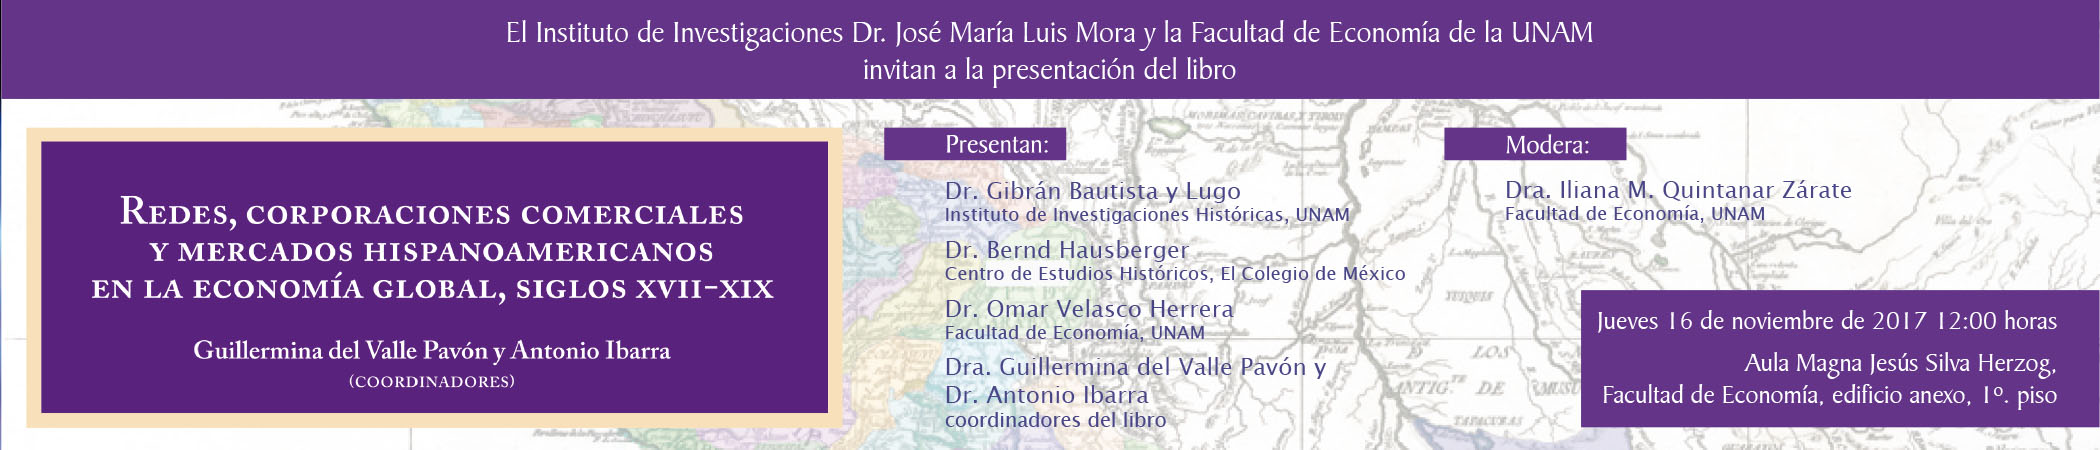 Presentación del libro Redes, corporaciones comerciales y mercados hispanoamericanos en la economía global